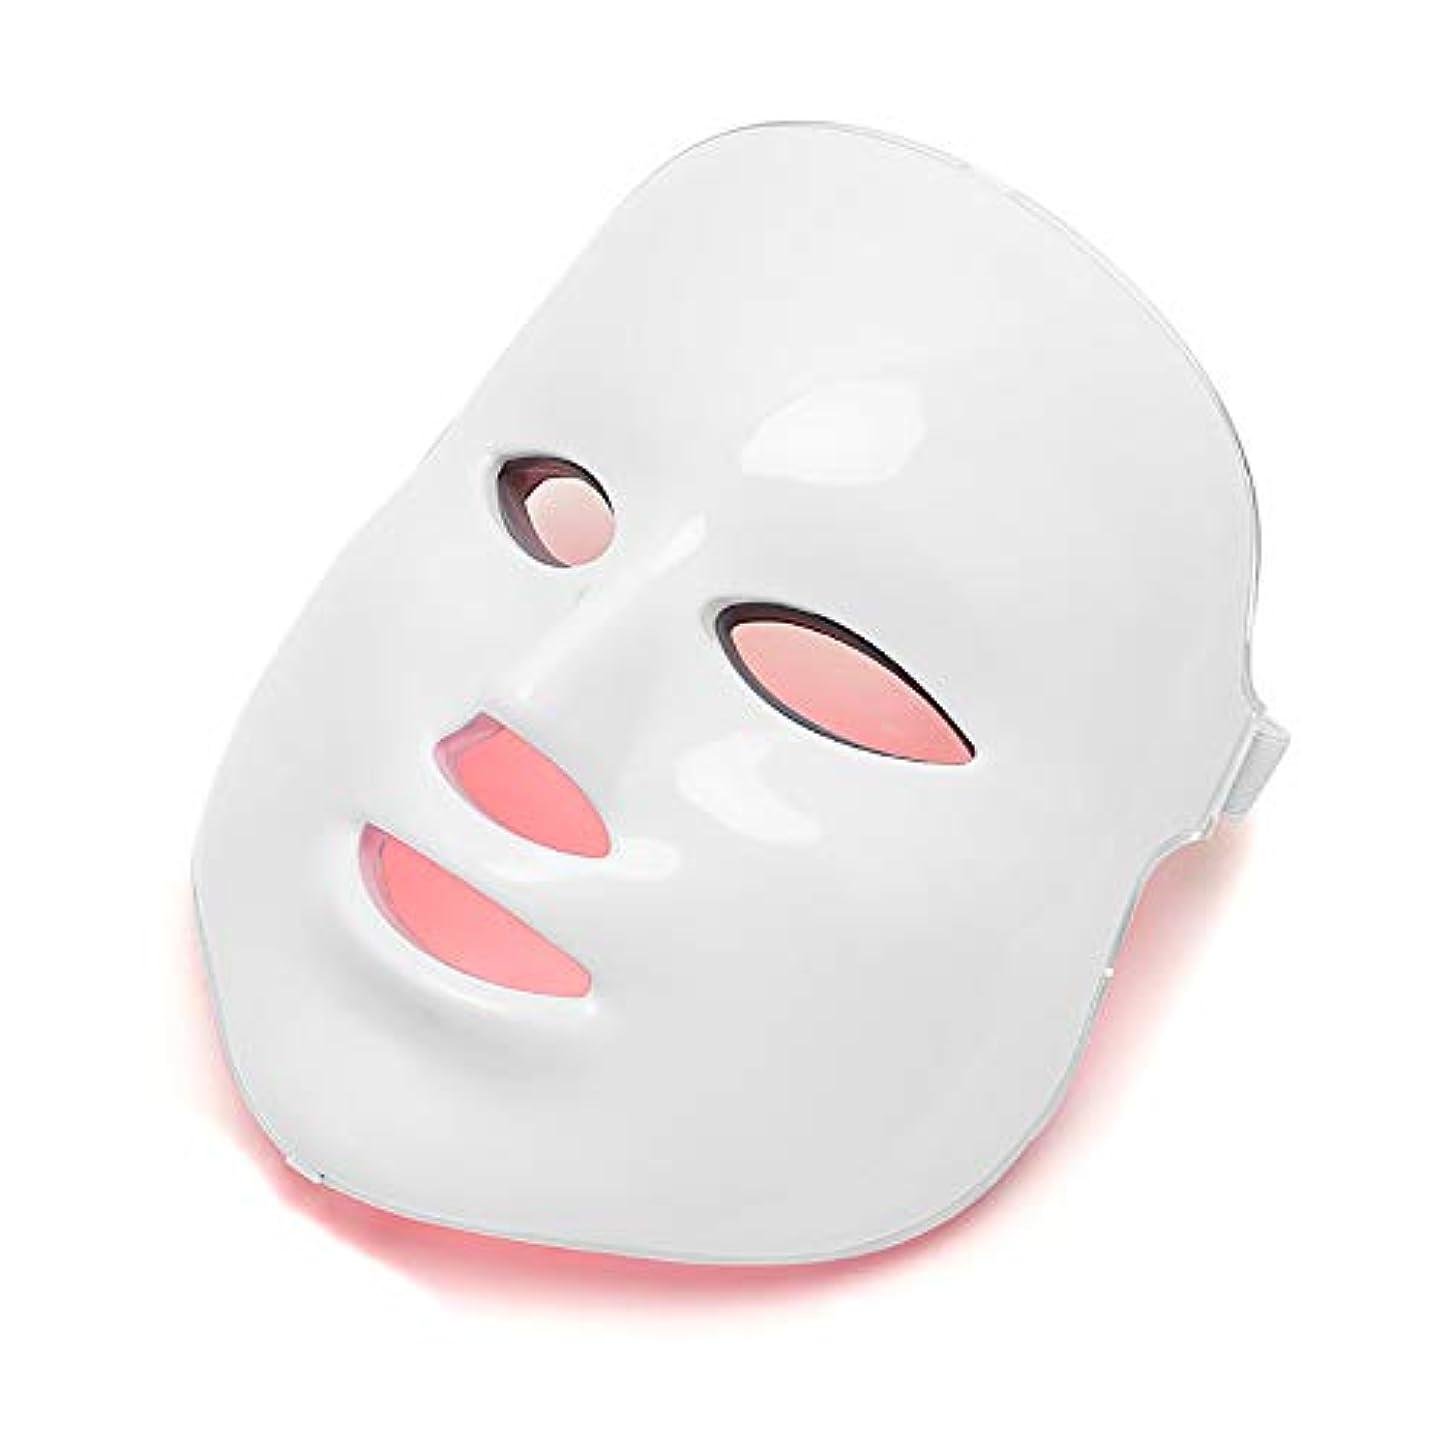 外向き毒性見物人7色の顔のマスクLED顔のマスクLEDの顔のマスクの美は導かれた顔のマスクの美機械を導きました